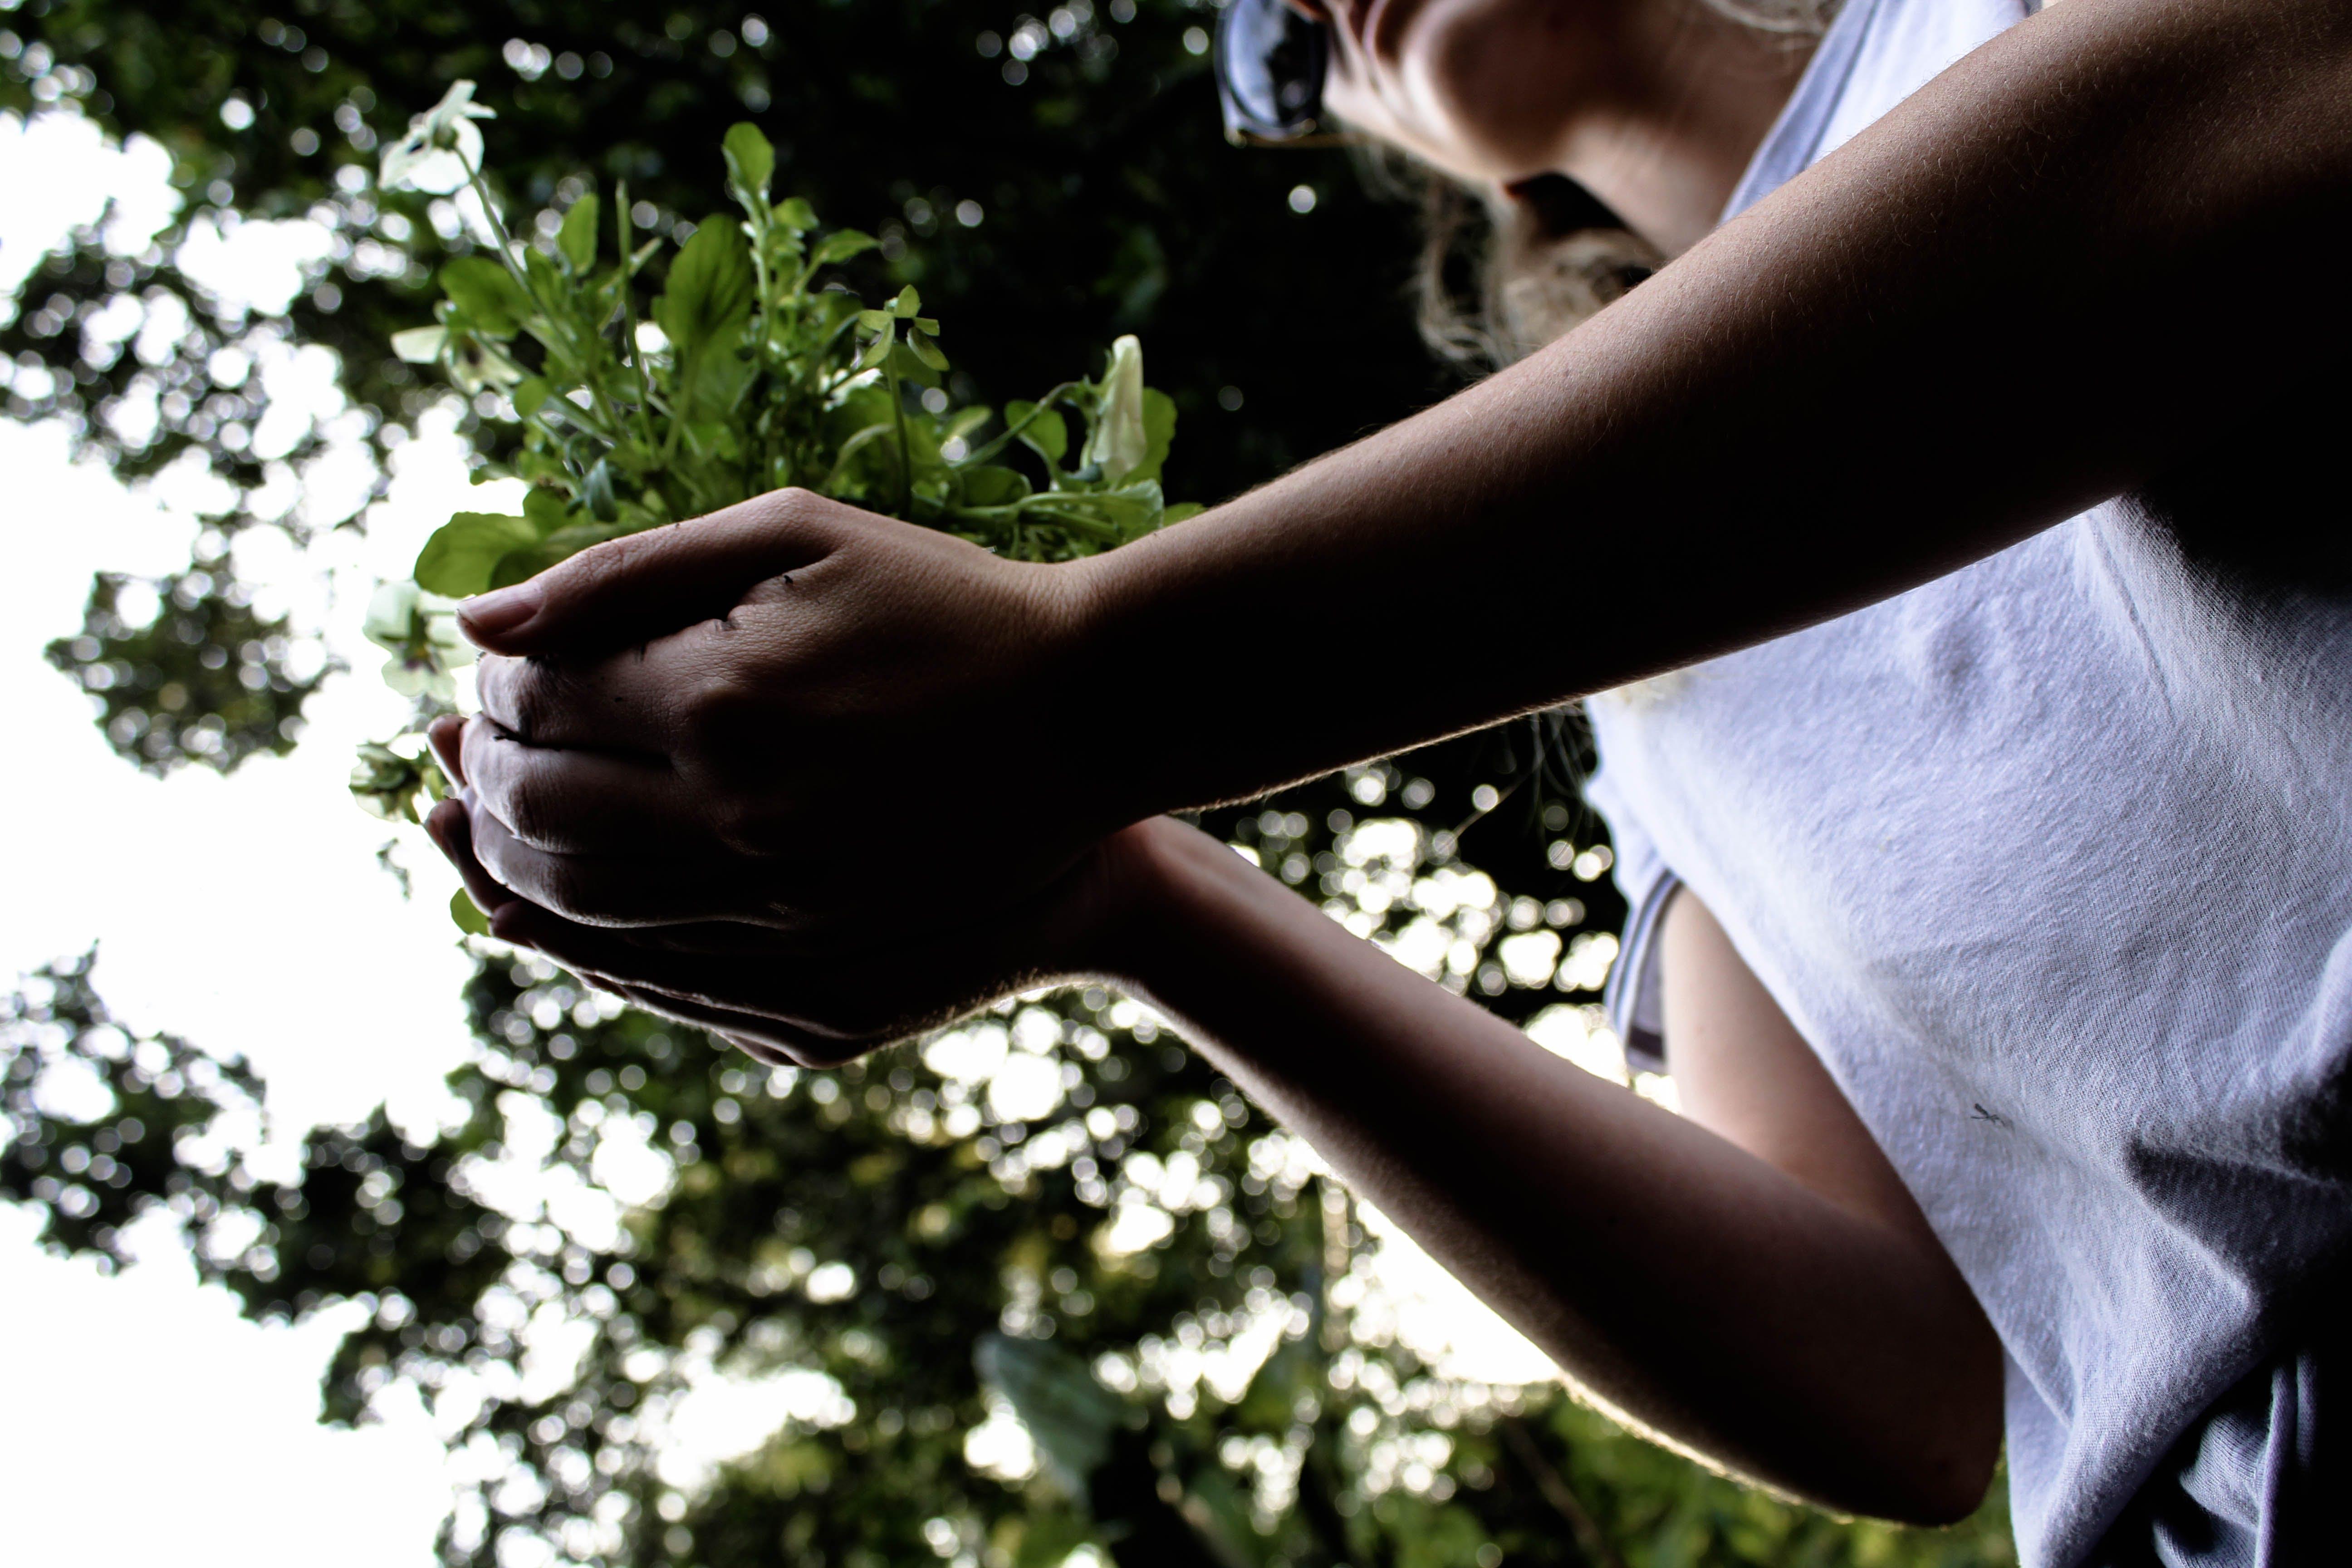 Foto profissional grátis de árvore, aumentar, bem-estar, desgaste